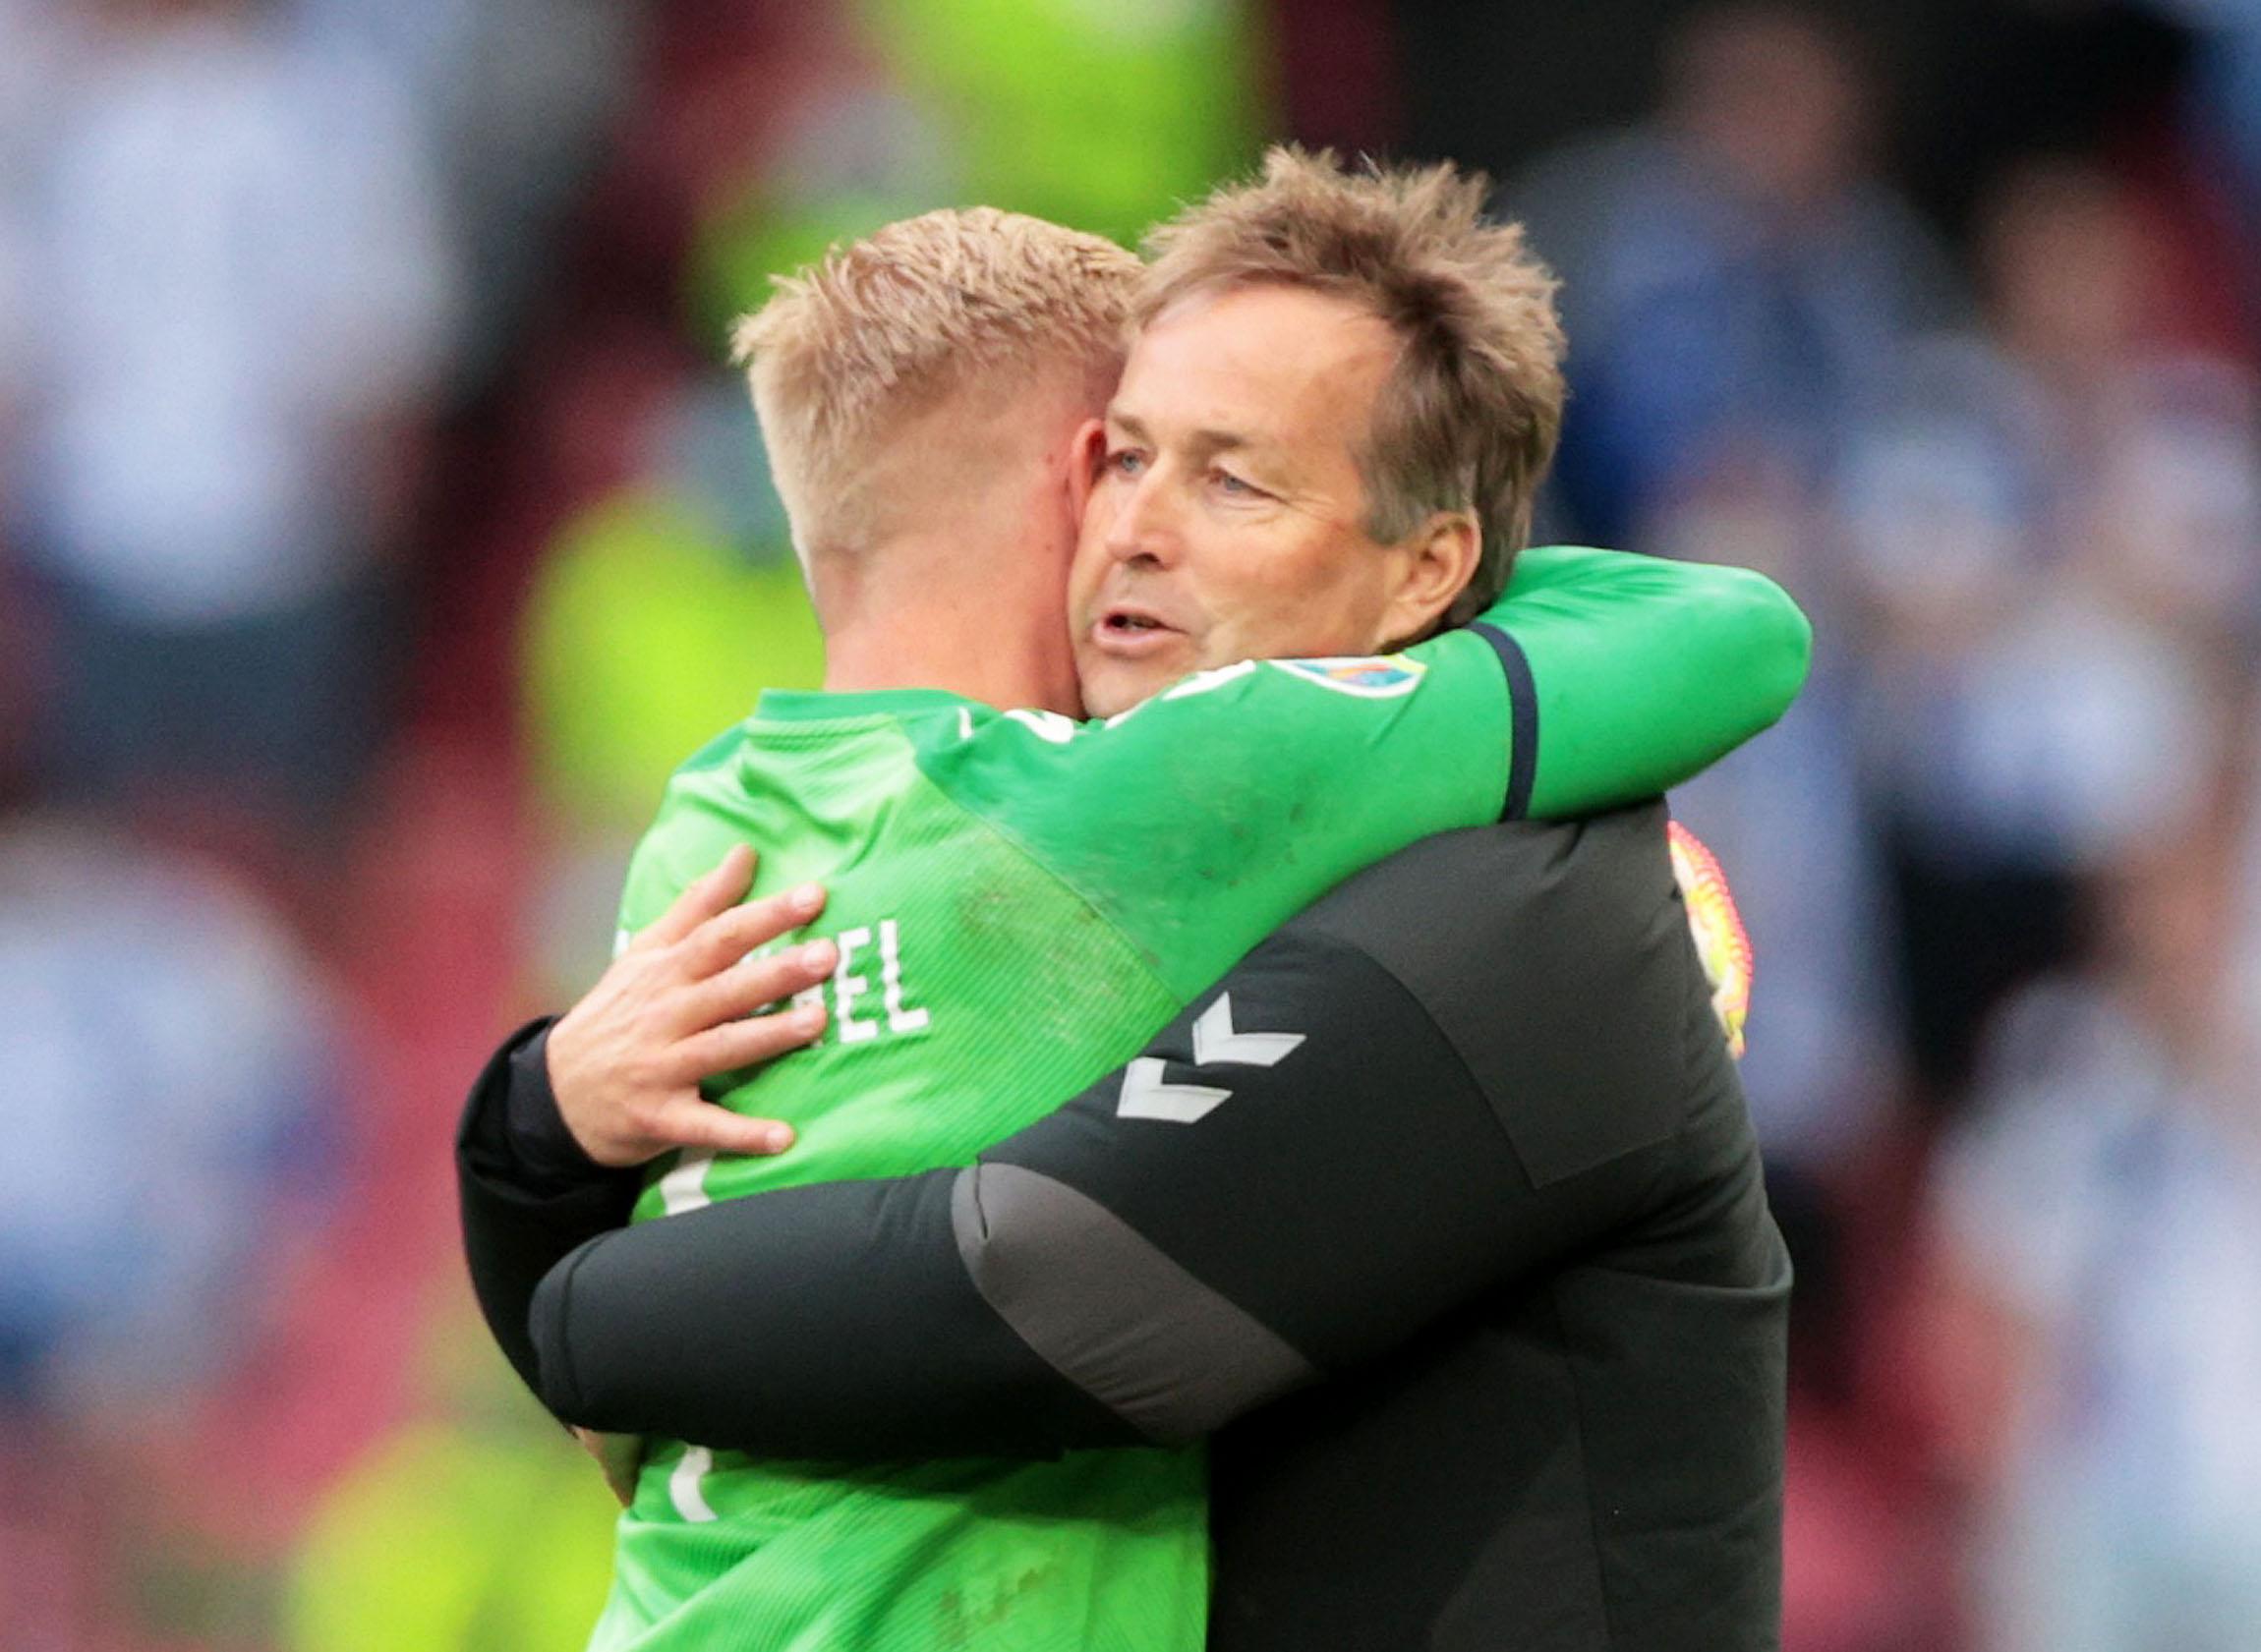 Έρικσεν: Συγκλονισμένος ο προπονητής του, οι δύο επιλογές που υπήρχαν για το Δανία – Φινλανδία